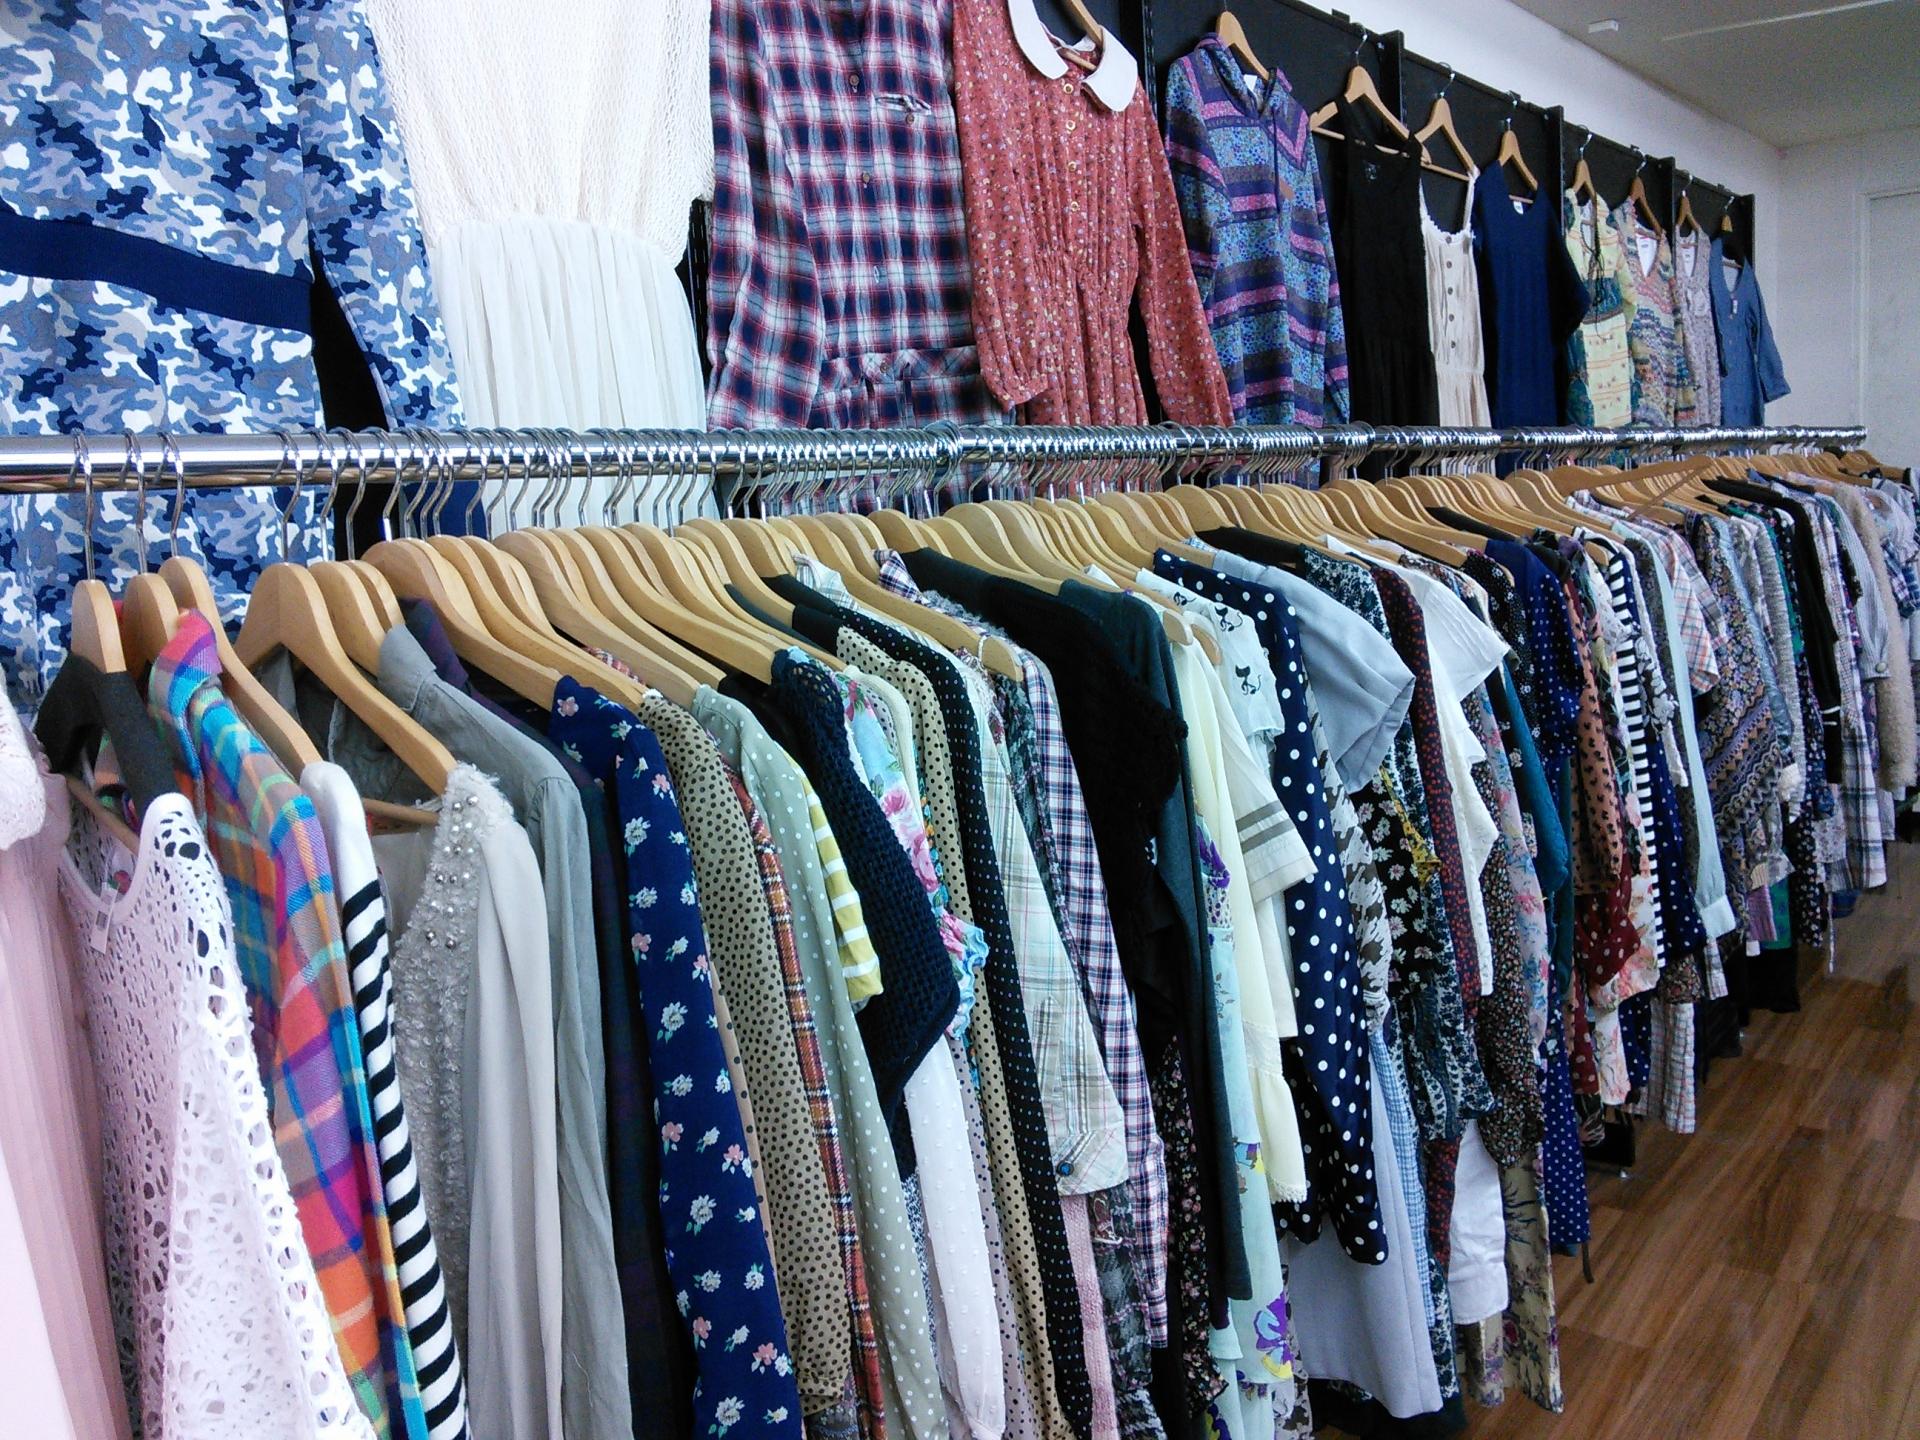 沖縄のおすすめ古着屋19選!アメカジ専門店やおしゃれなヴィンテージショップも